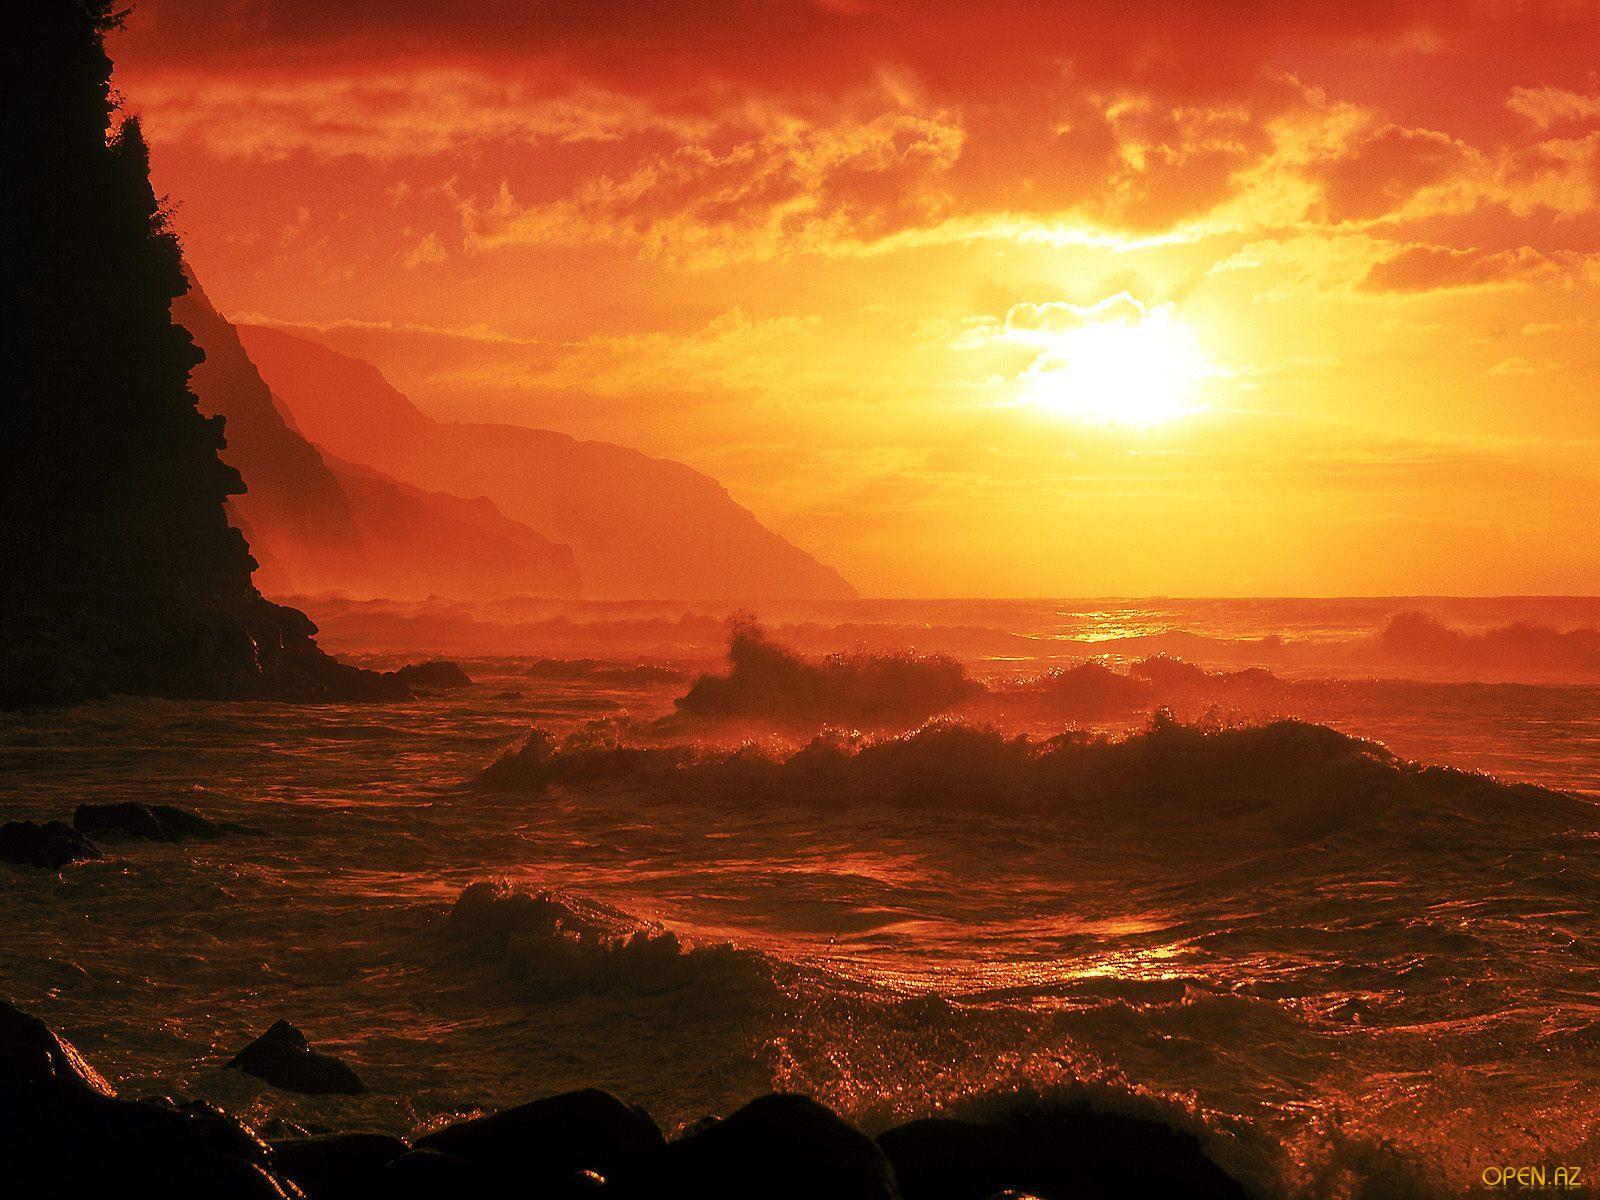 И смело погружаемся в море страсти!